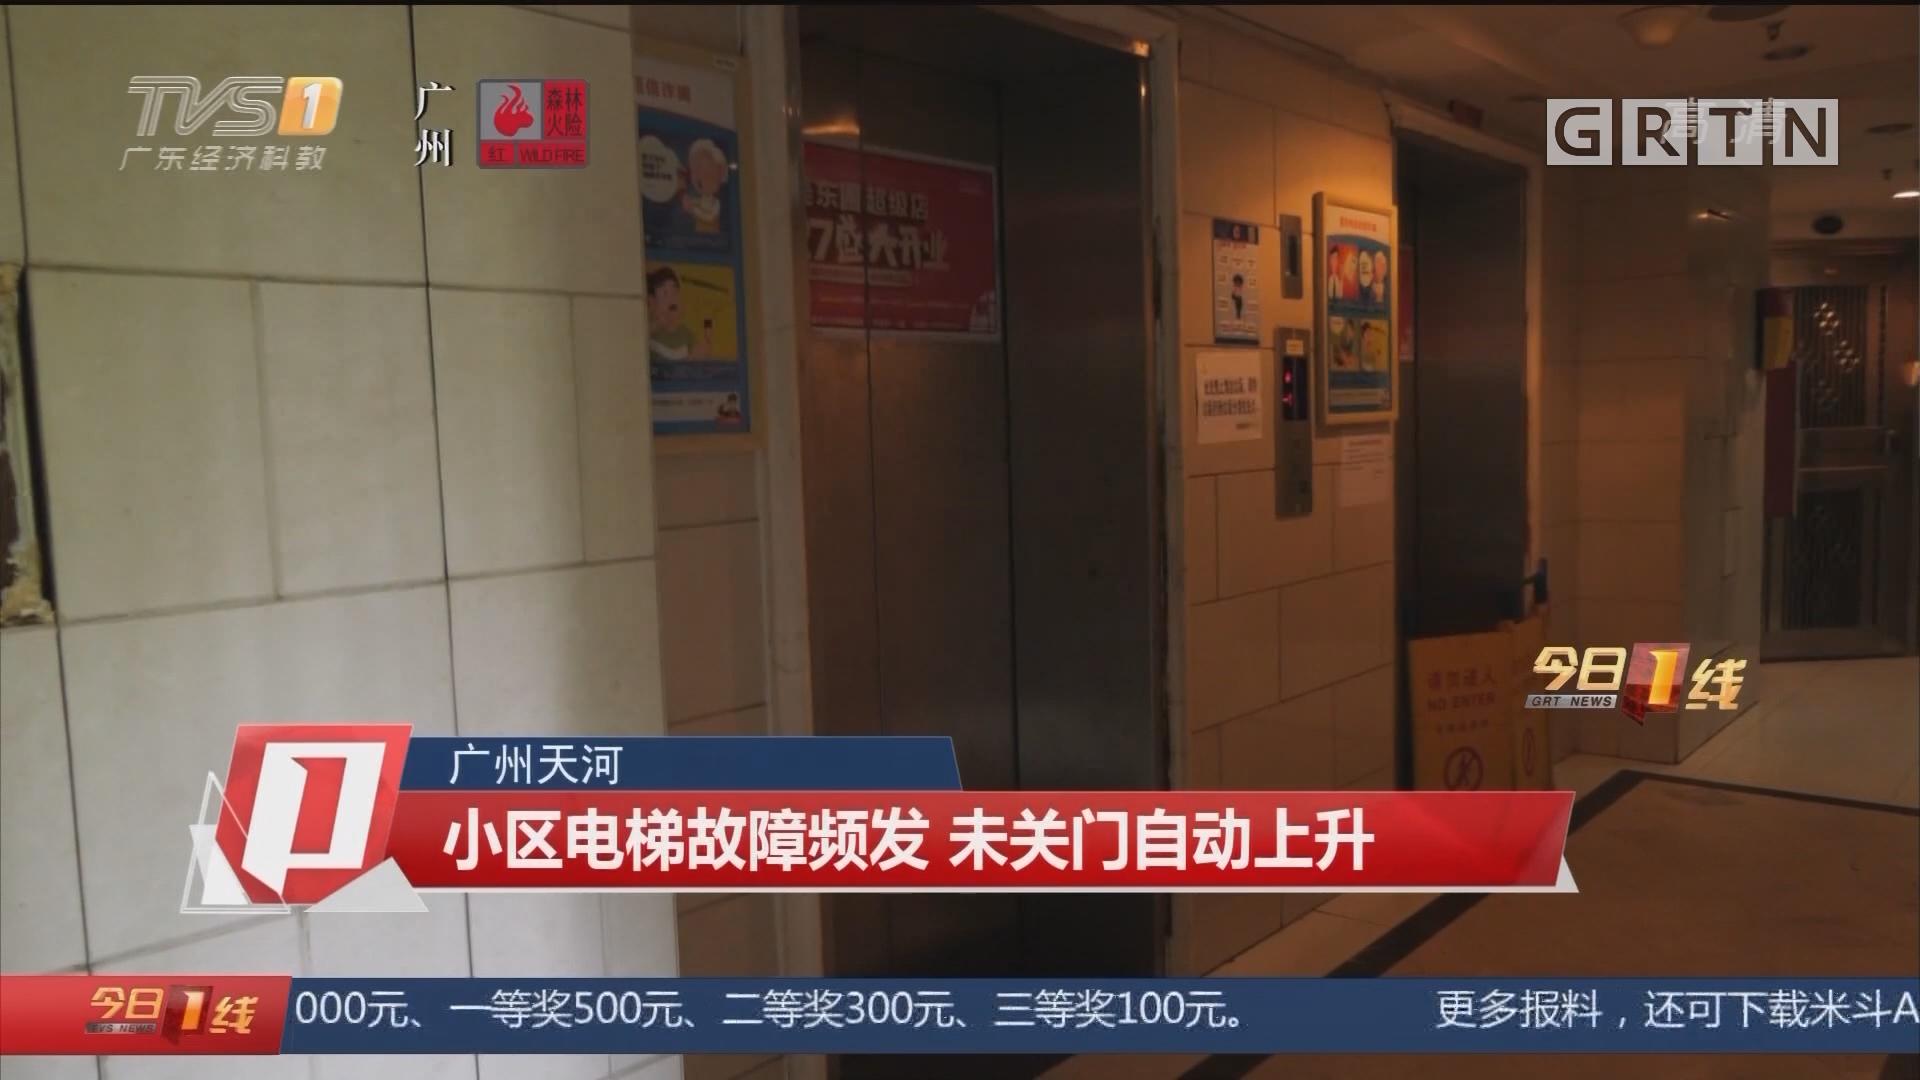 广州天河:小区电梯故障频发 未关门自动上升